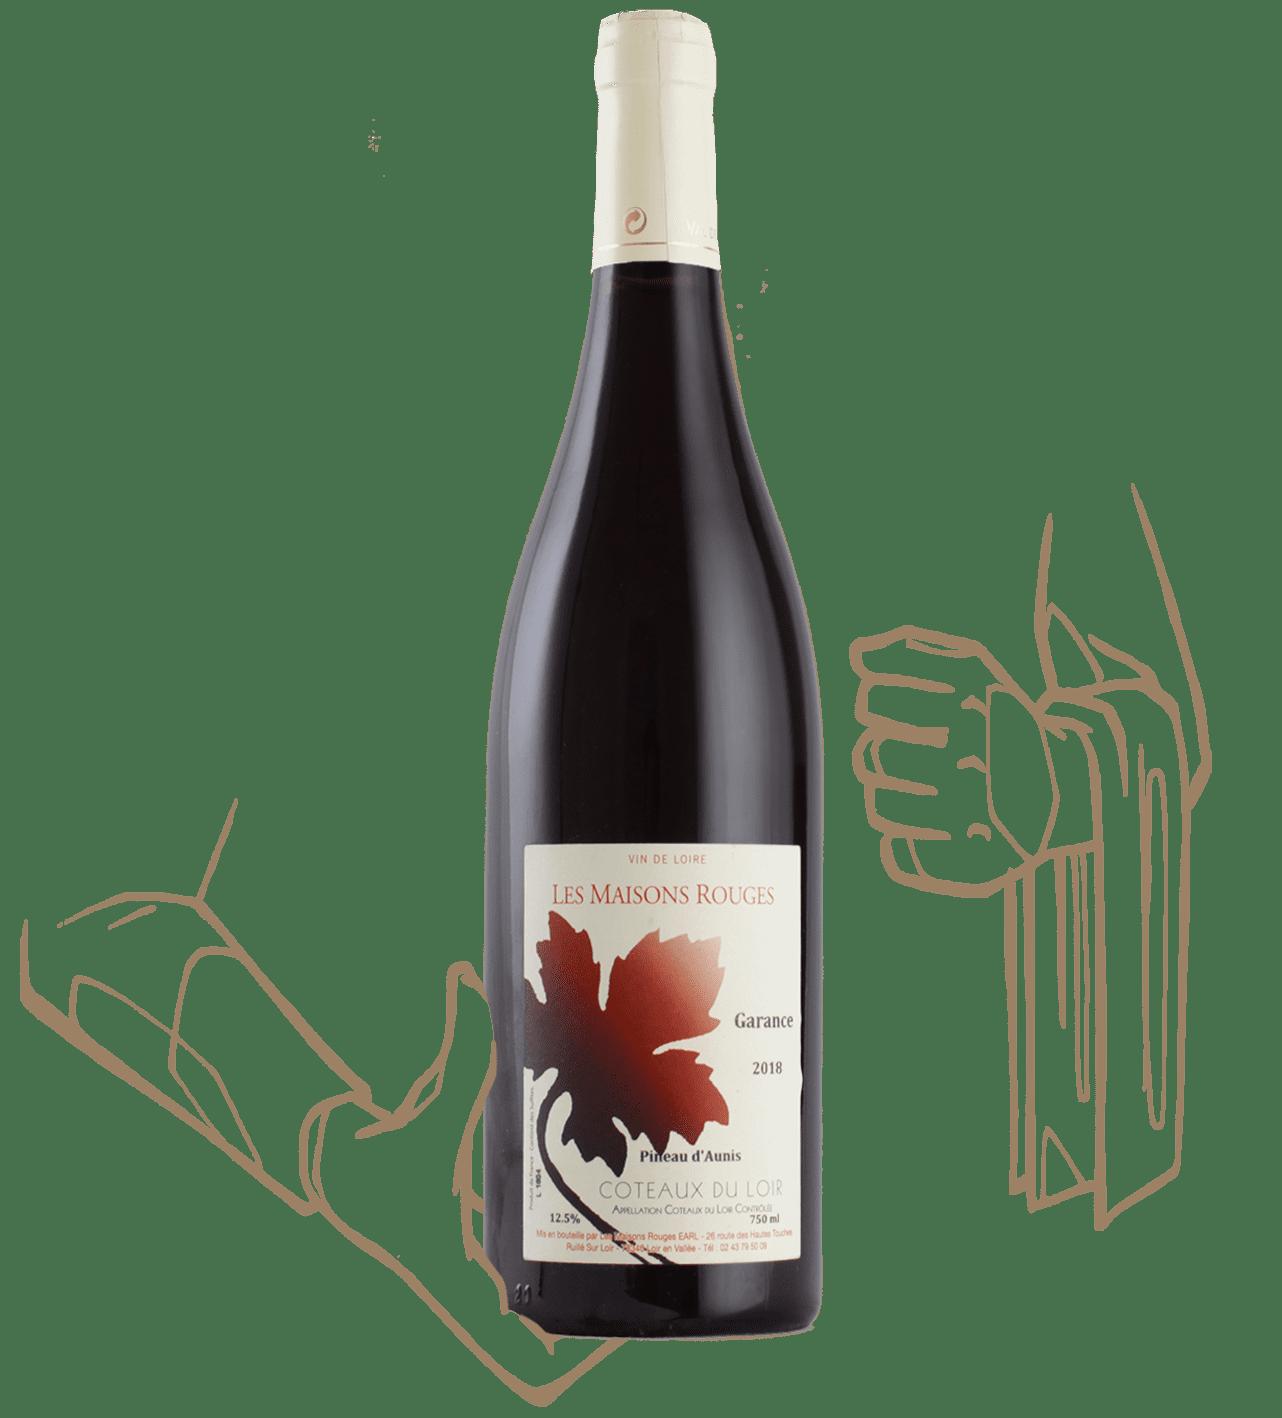 Garance est un vin naturel du domaine les maisons rouges